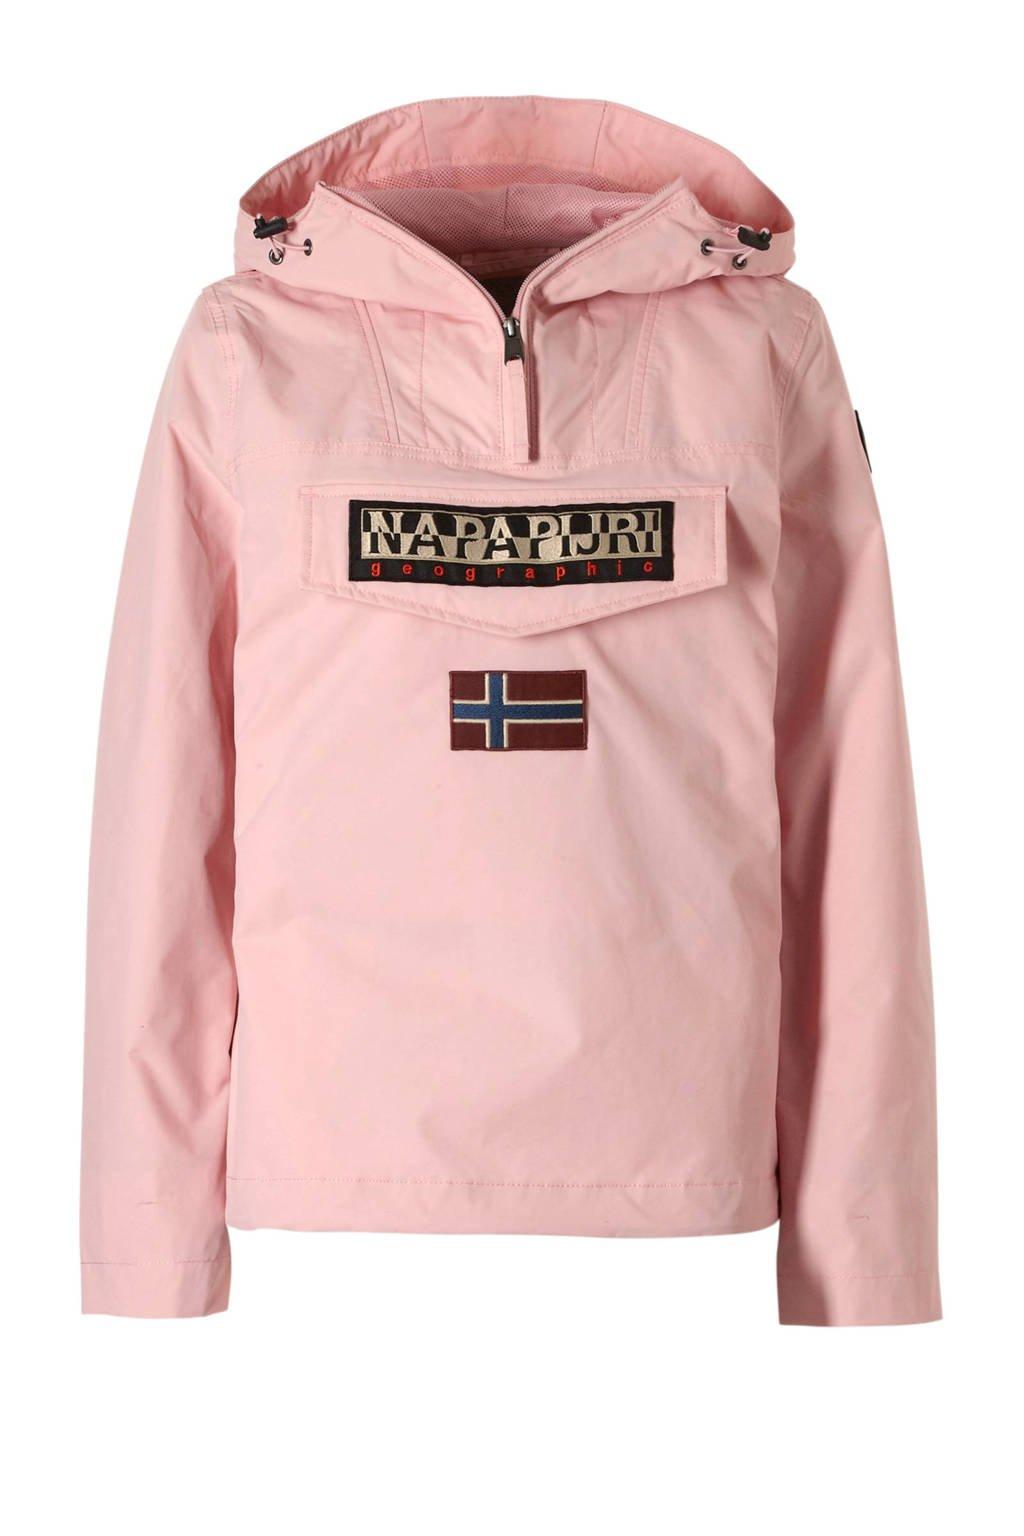 online winkel geweldige aanbiedingen 2017 Verkooppromotie Napapijri zomerjas roze   wehkamp